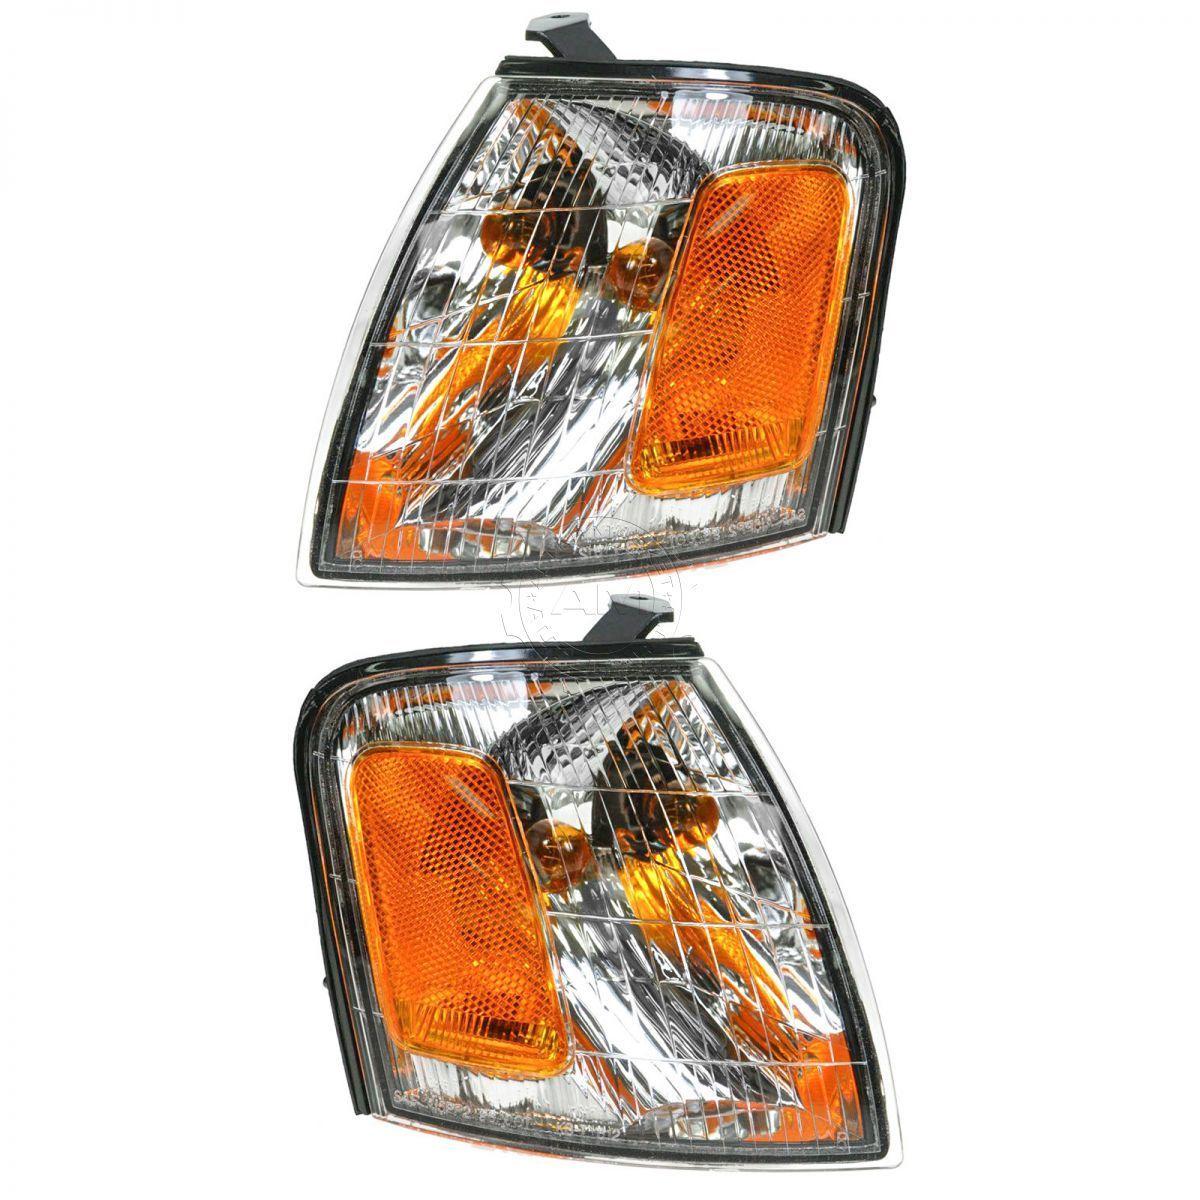 コーナーライト Side Marker Parking Turn Signal Corner Lights Pair Set NEW for 98-99 Avalon サイドマーカーパーキングターンシグナルコーナーライトペアセットNEW for 98-99 Avalon